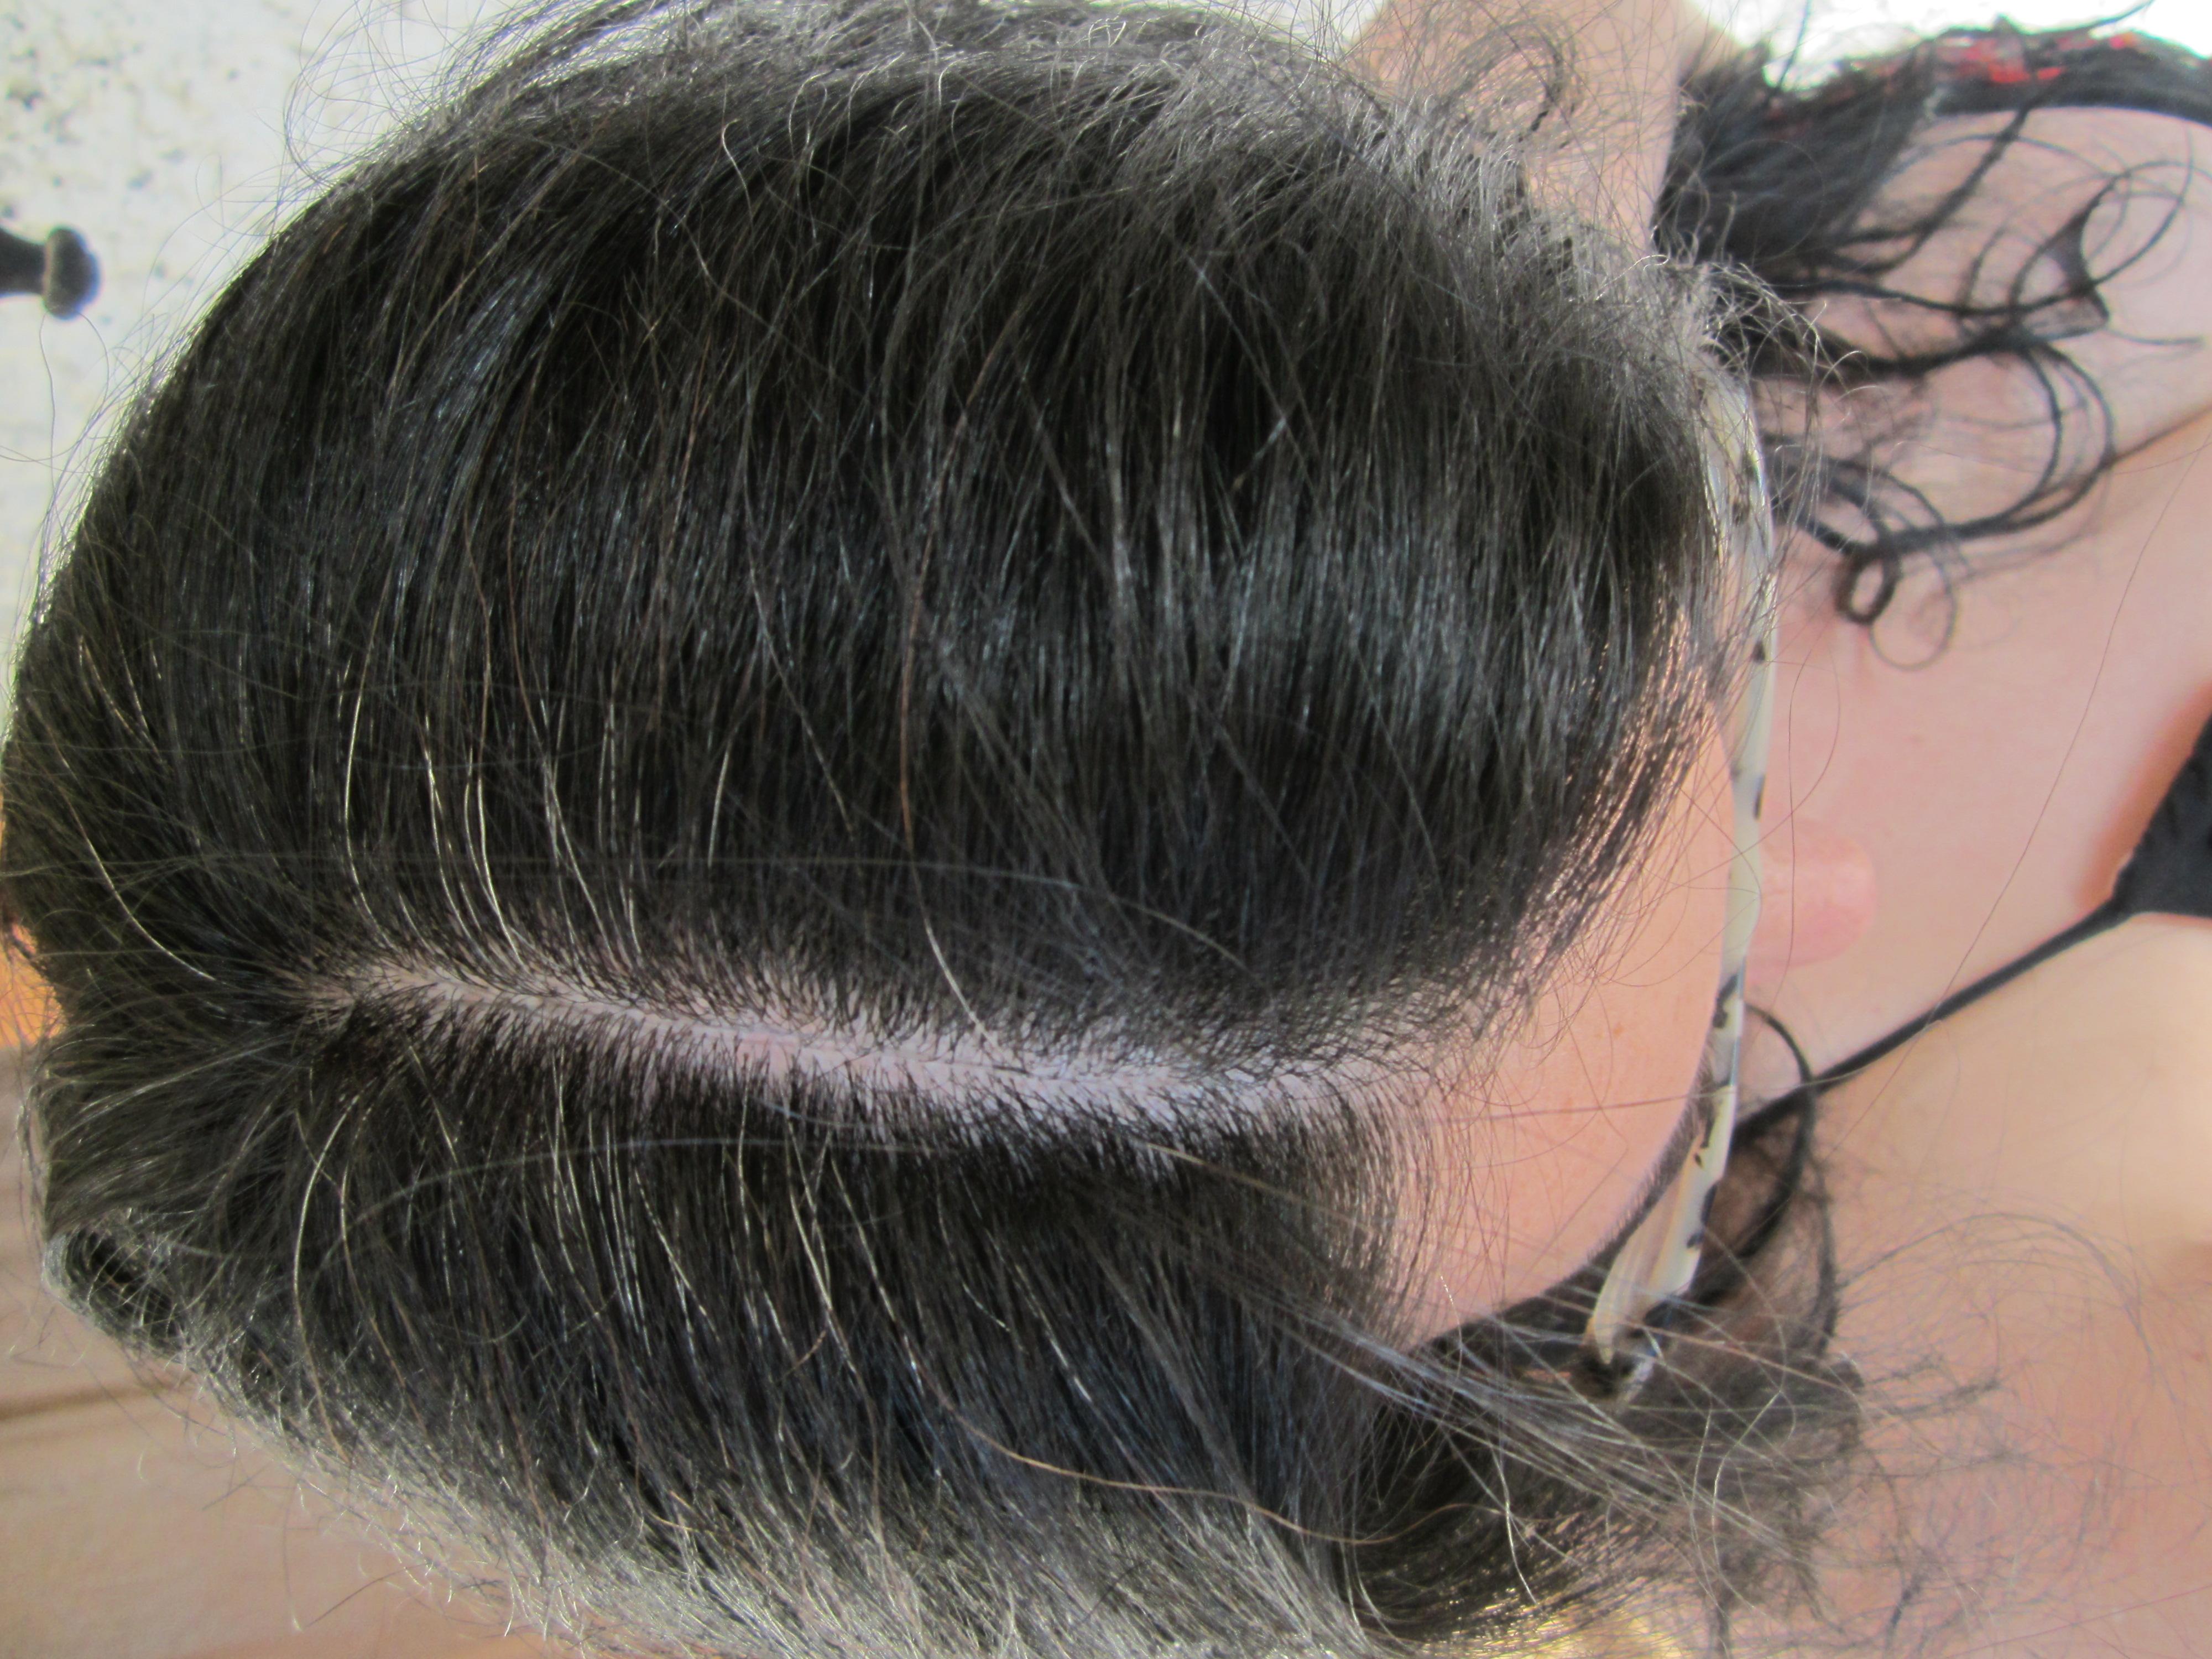 El aceite bate a la caída de los cabello las revocaciones